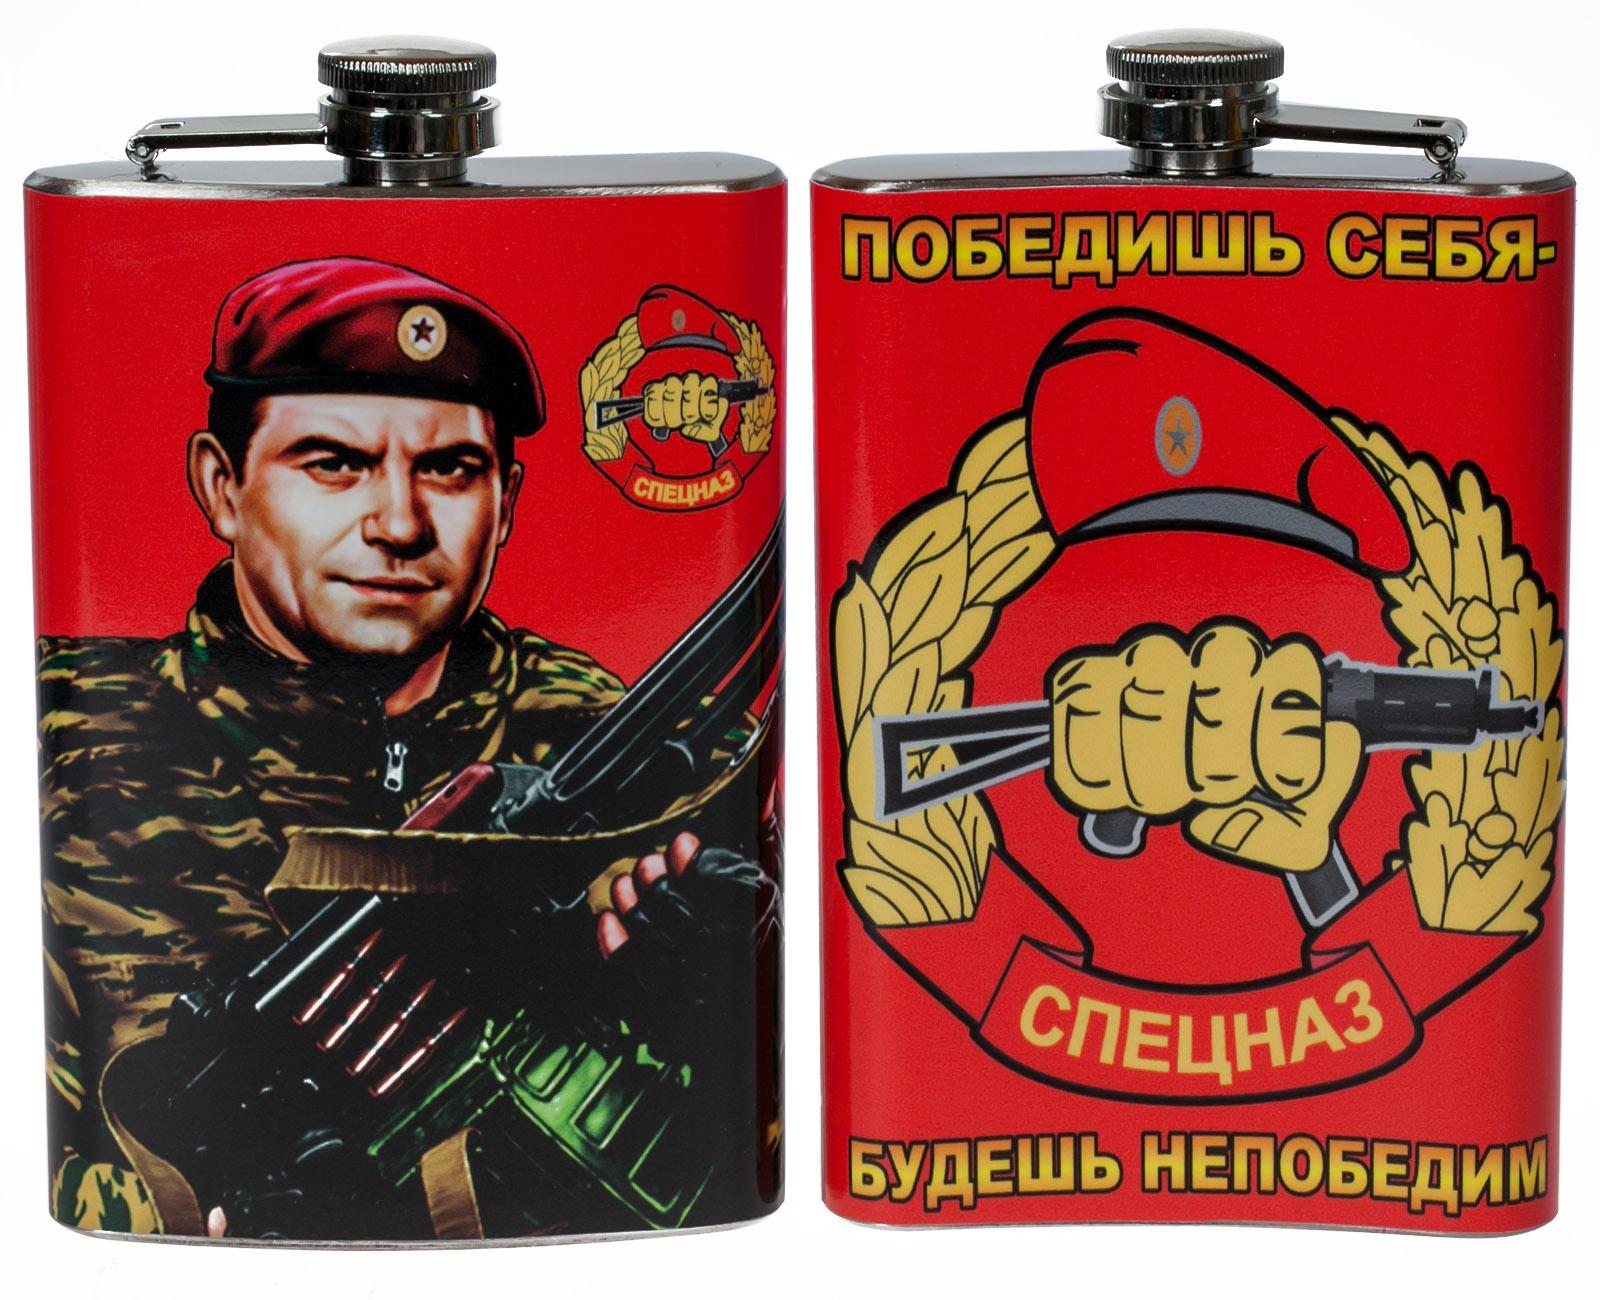 """Купить фляжку """"Спецназ ВВ"""" в подарок для военного"""